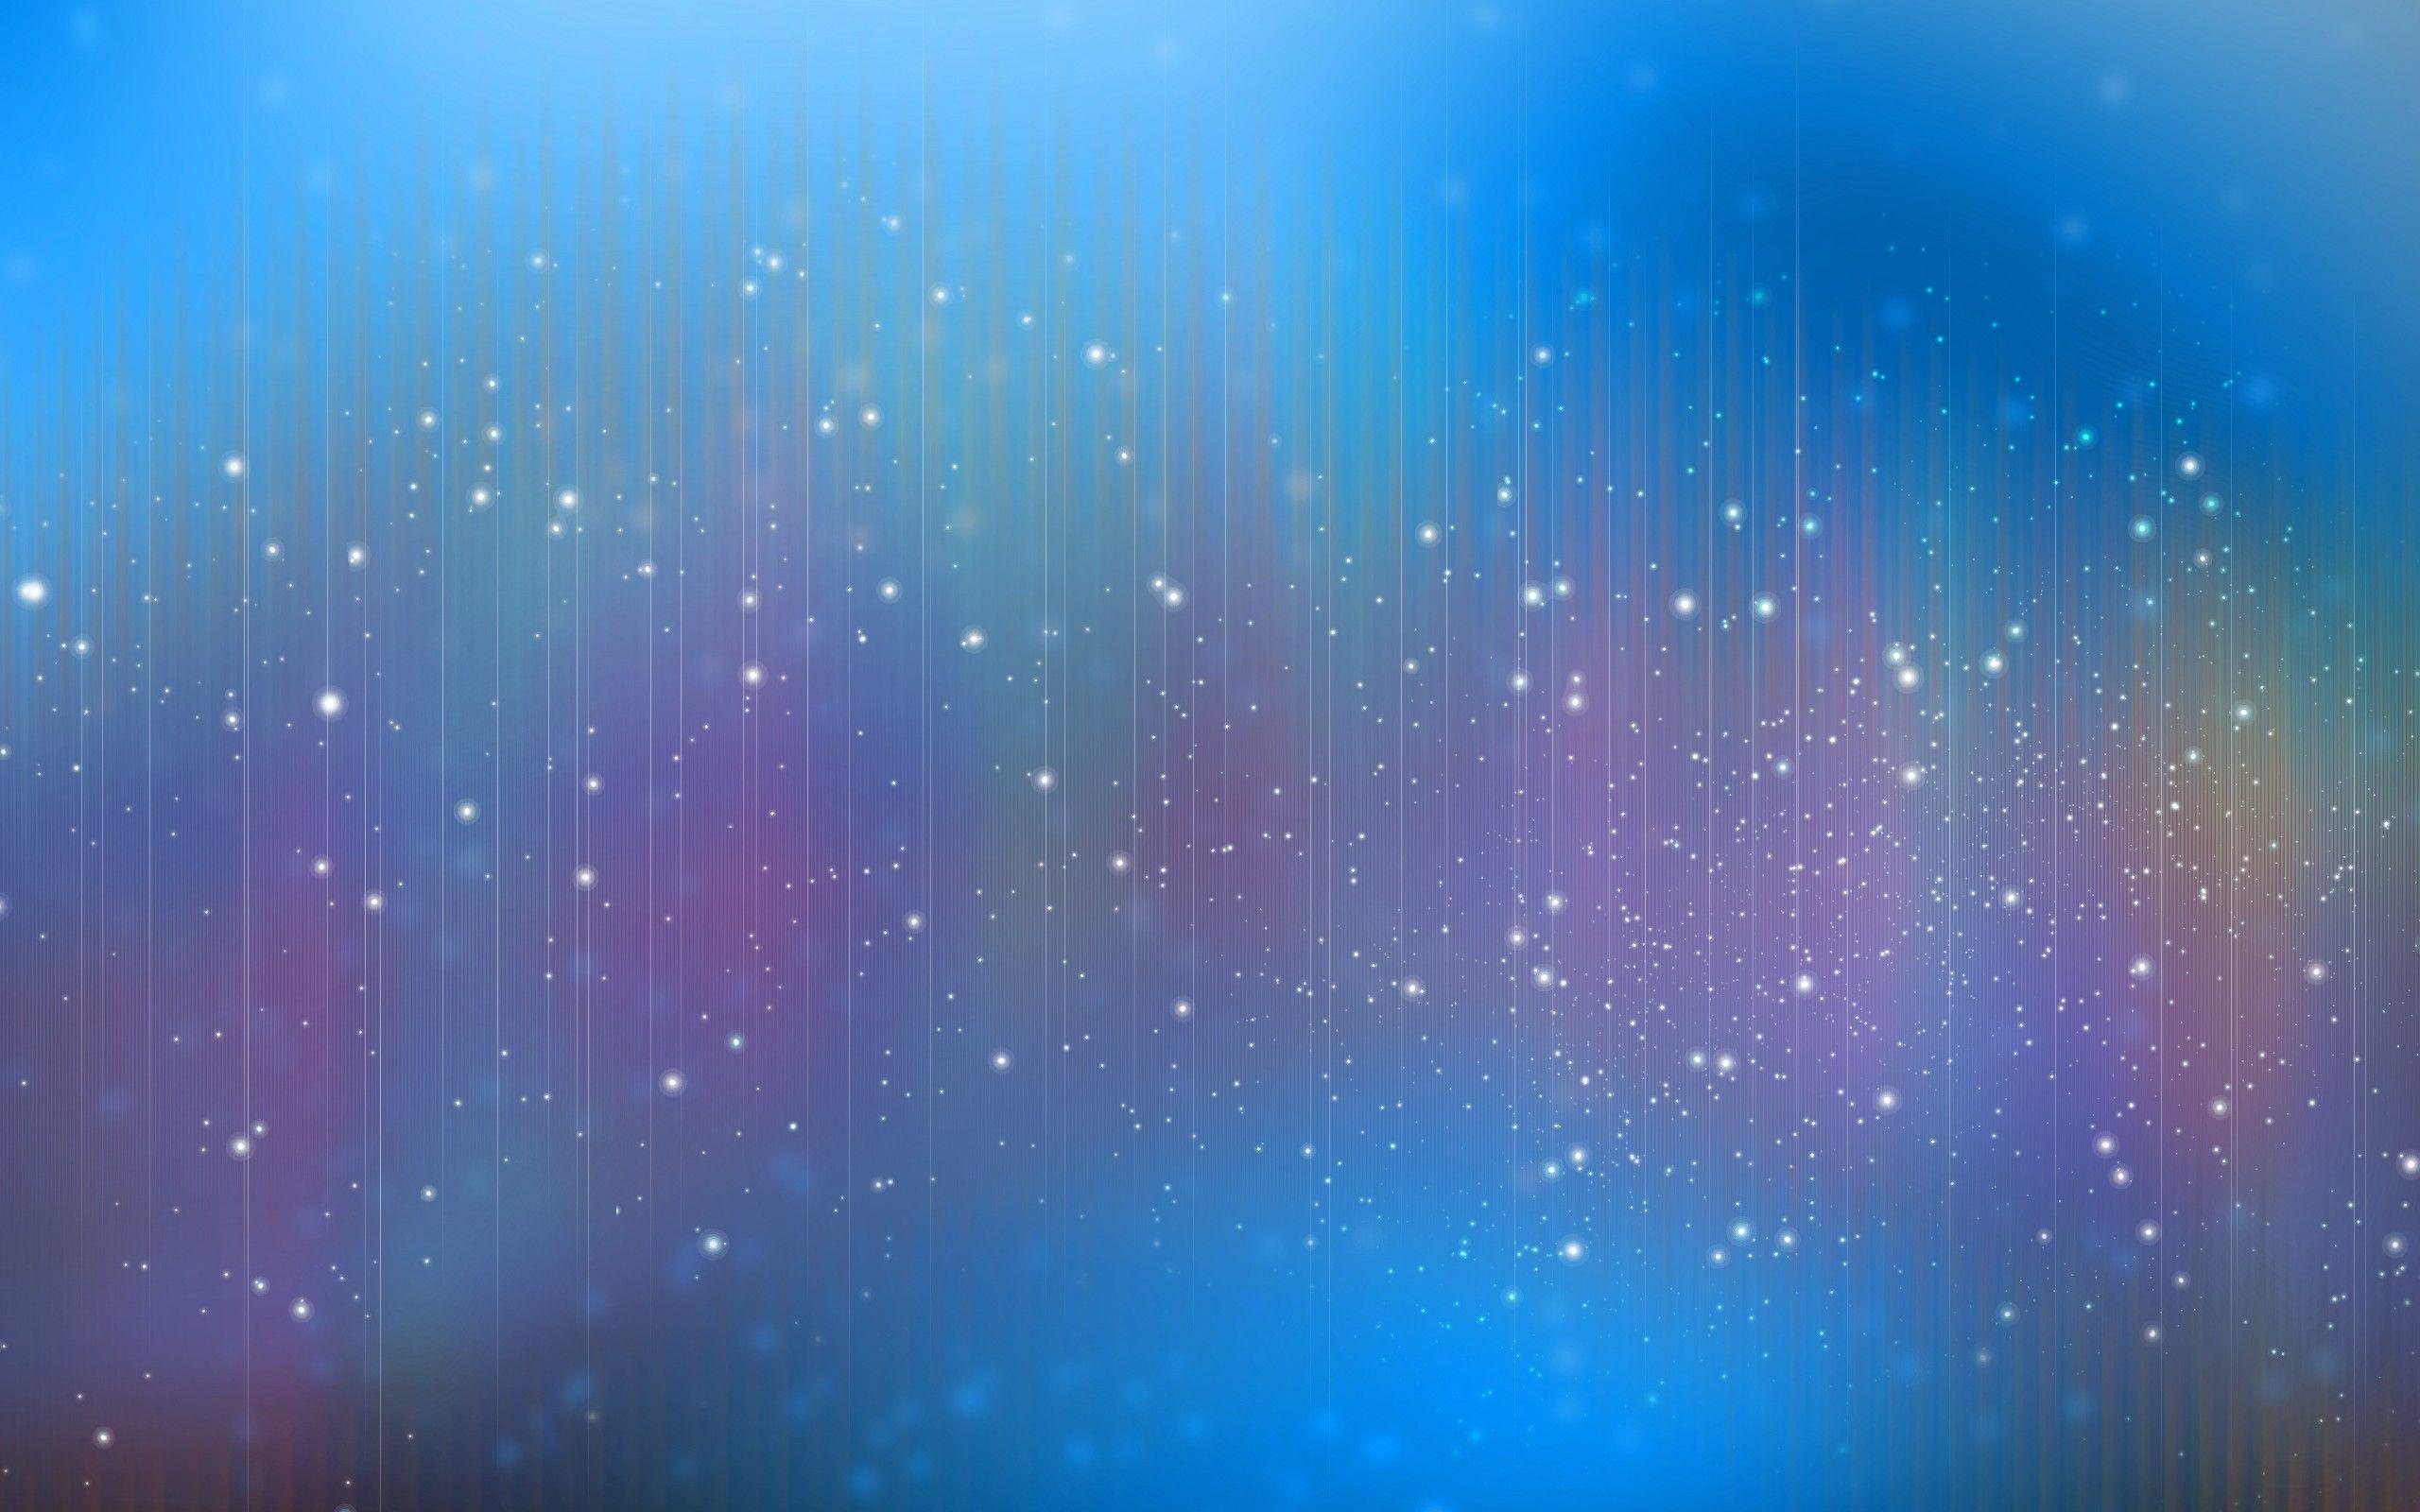 Fondos abstractos infantiles wallpaper gratis 5 hd for Buscar fondo de pantallas gratis